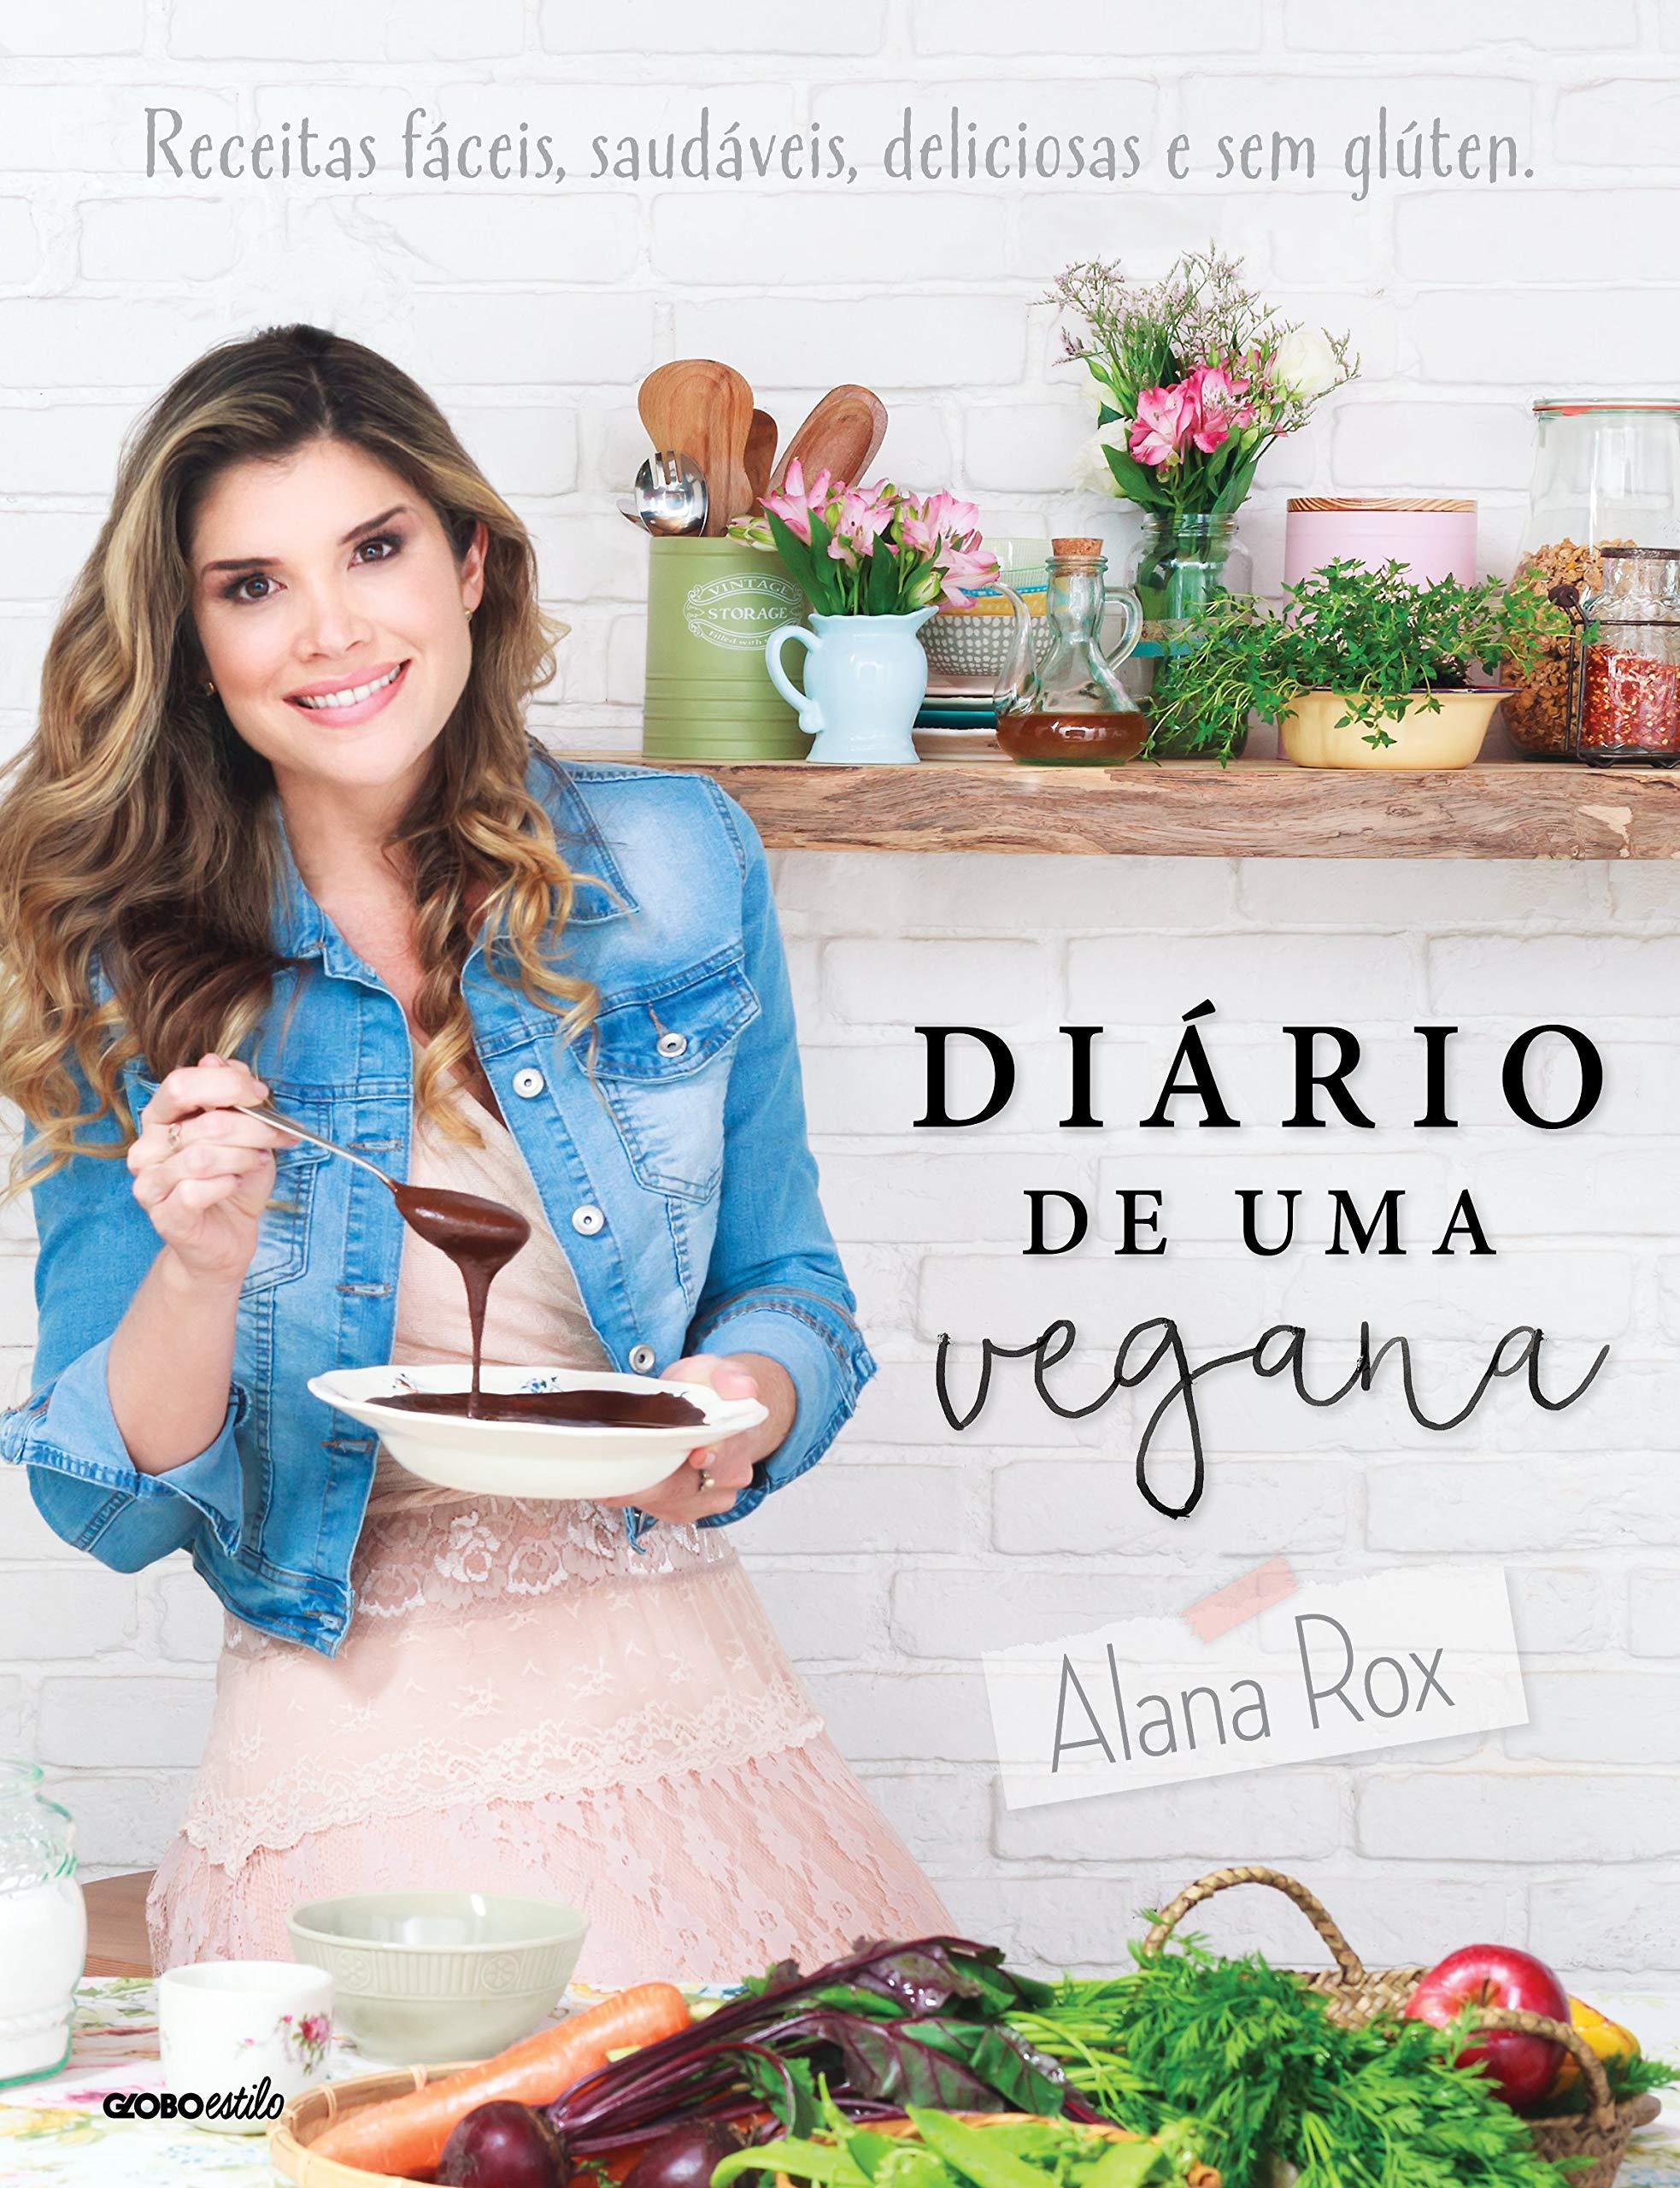 5422f52704 Diário de uma vegana - Livros na Amazon Brasil- 9788525062727